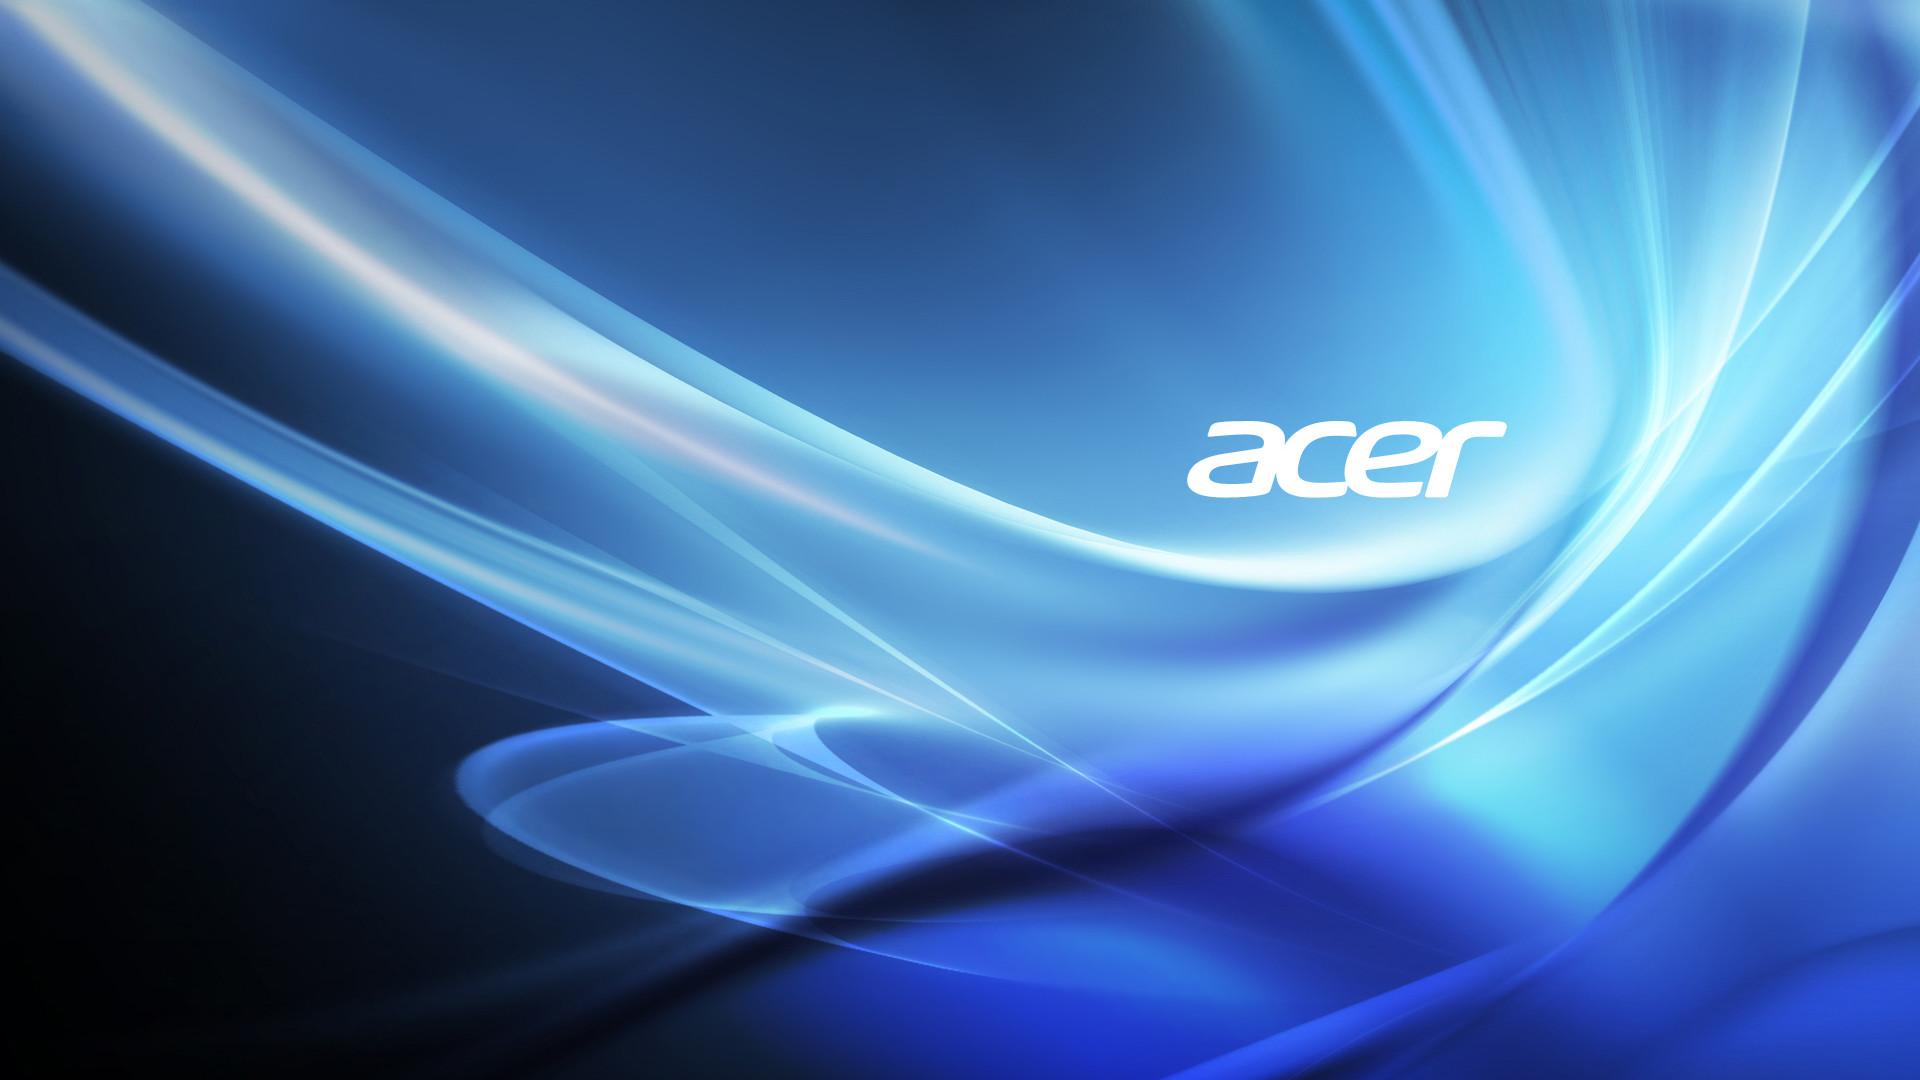 Acer Desktop Wallpapers Group 1920×1080 Top Ten Desktop Wallpapers (40  Wallpapers)   Adorable Wallpapers   Wallpapers   Pinterest   Wallpaper and  Desktop …